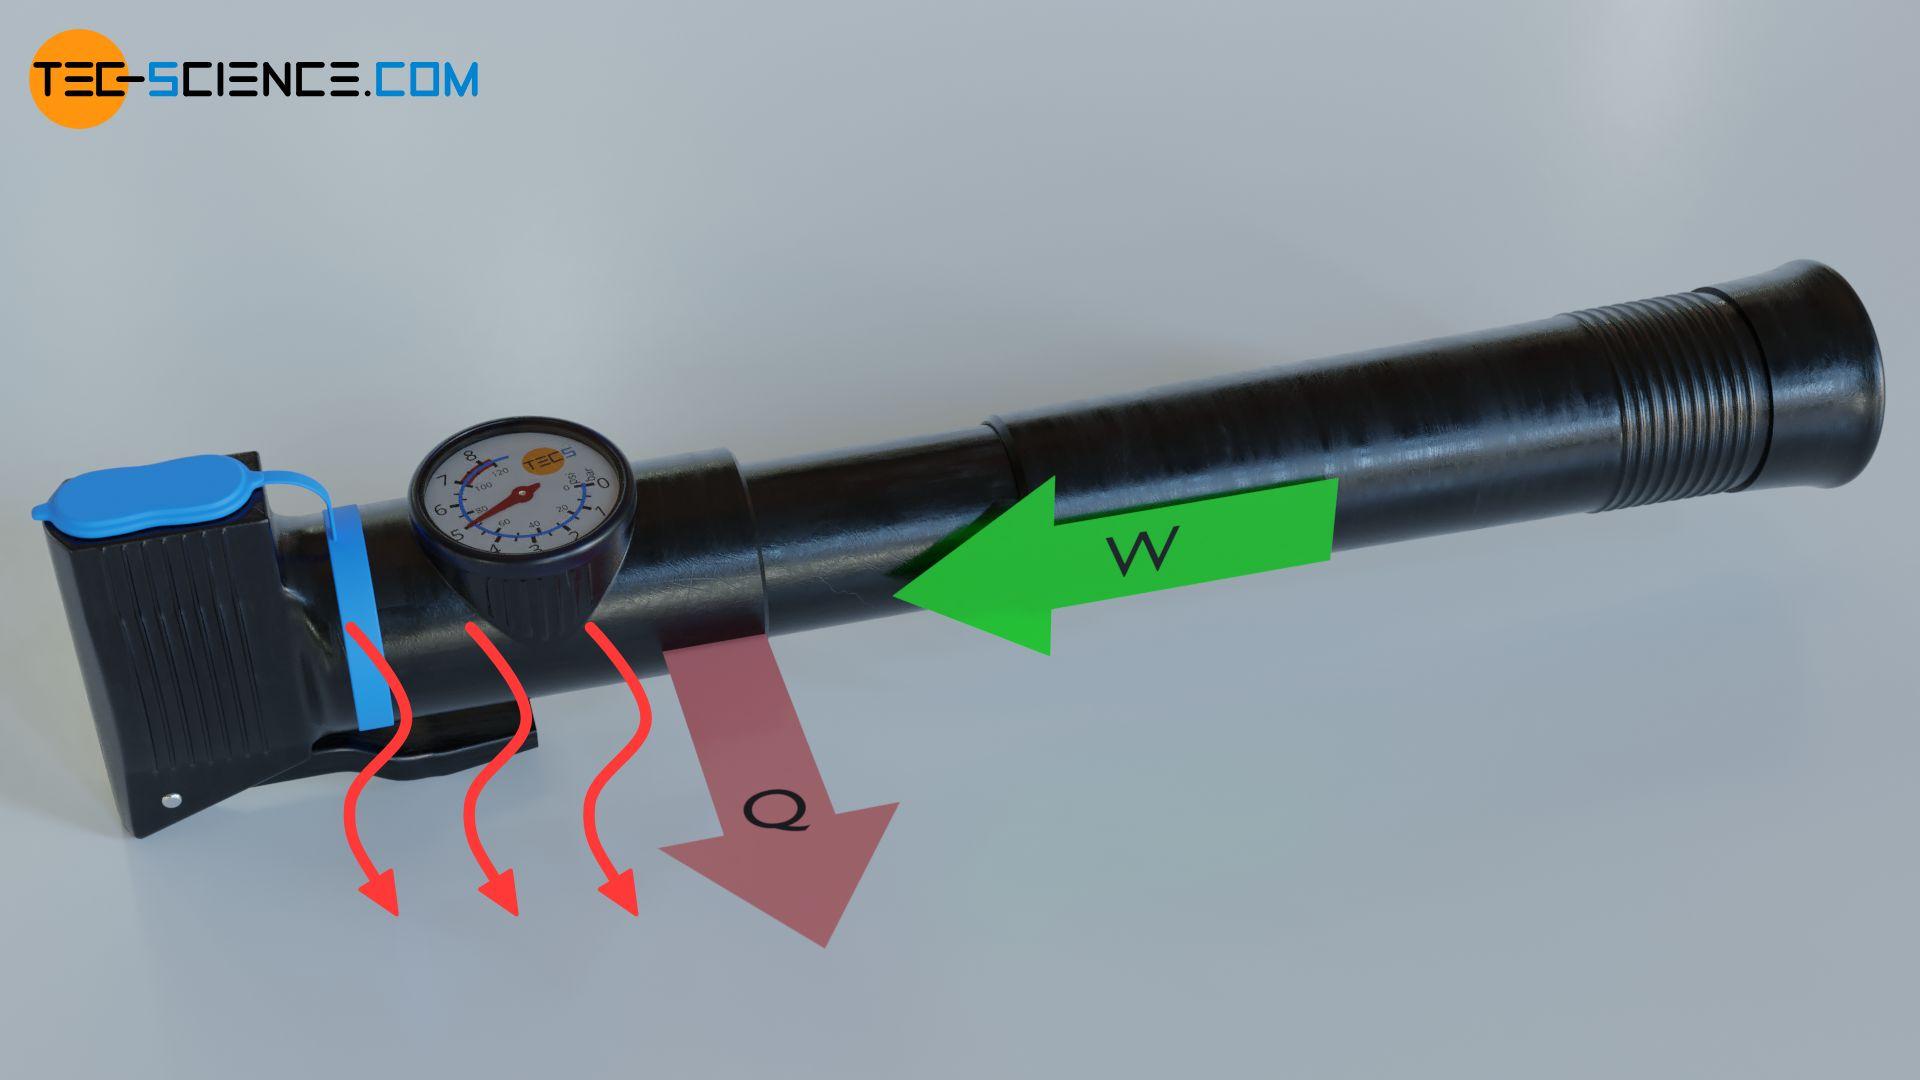 Funktionsprinzip einer Wärmepumpe (Umwandlung von Arbeit in Wärme)